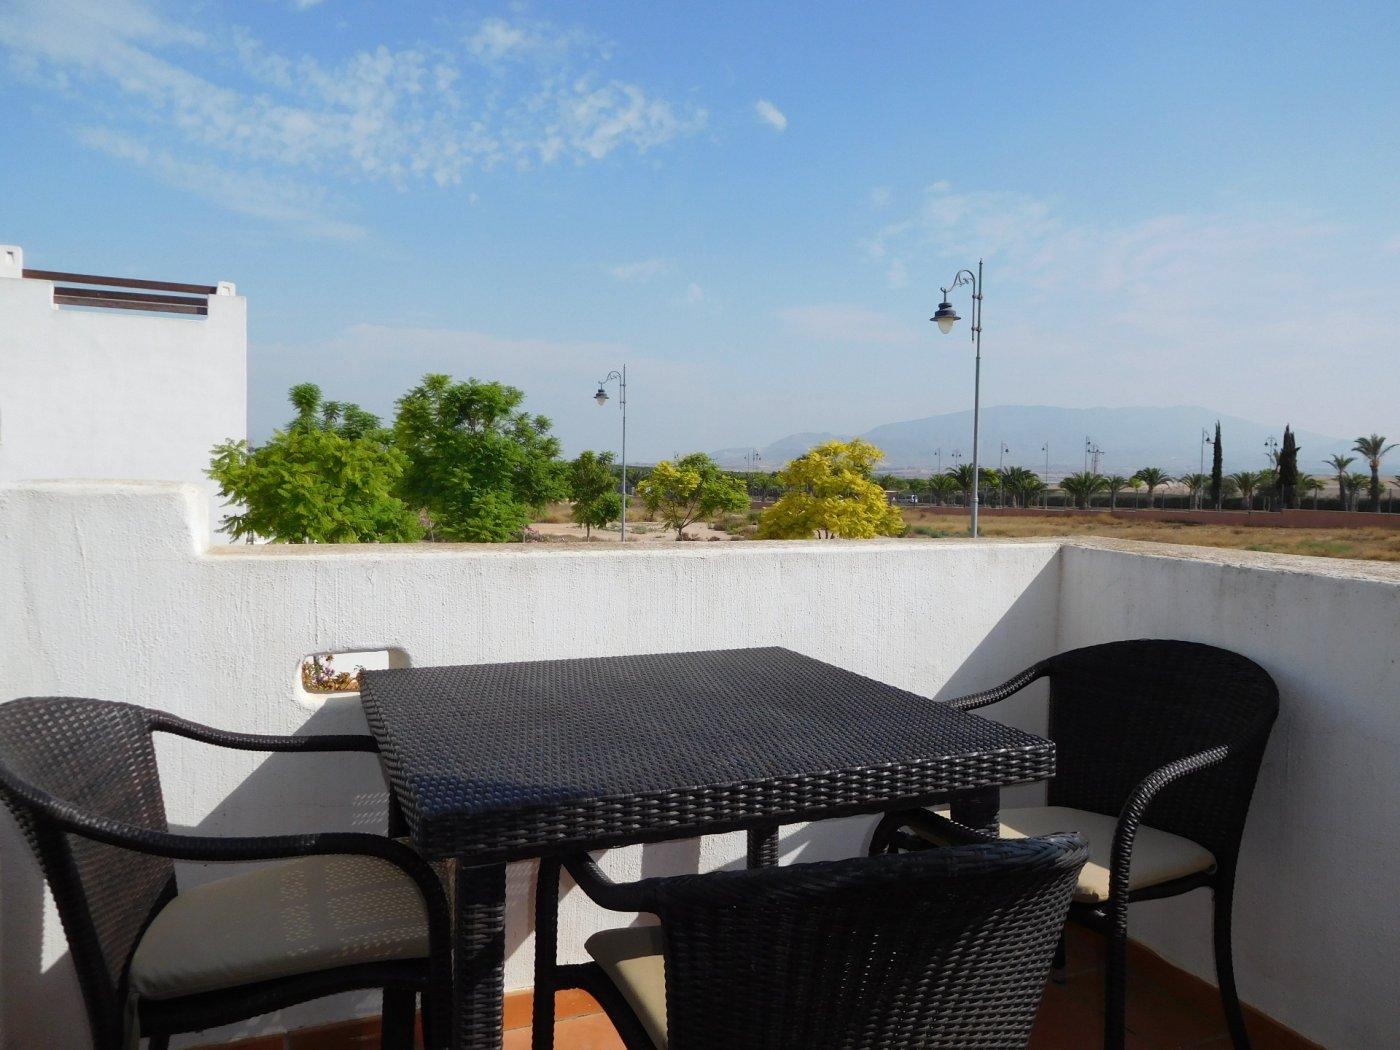 Image 4 Apartment ref 3265-02752 for rent in Condado De Alhama Spain - Quality Homes Costa Cálida